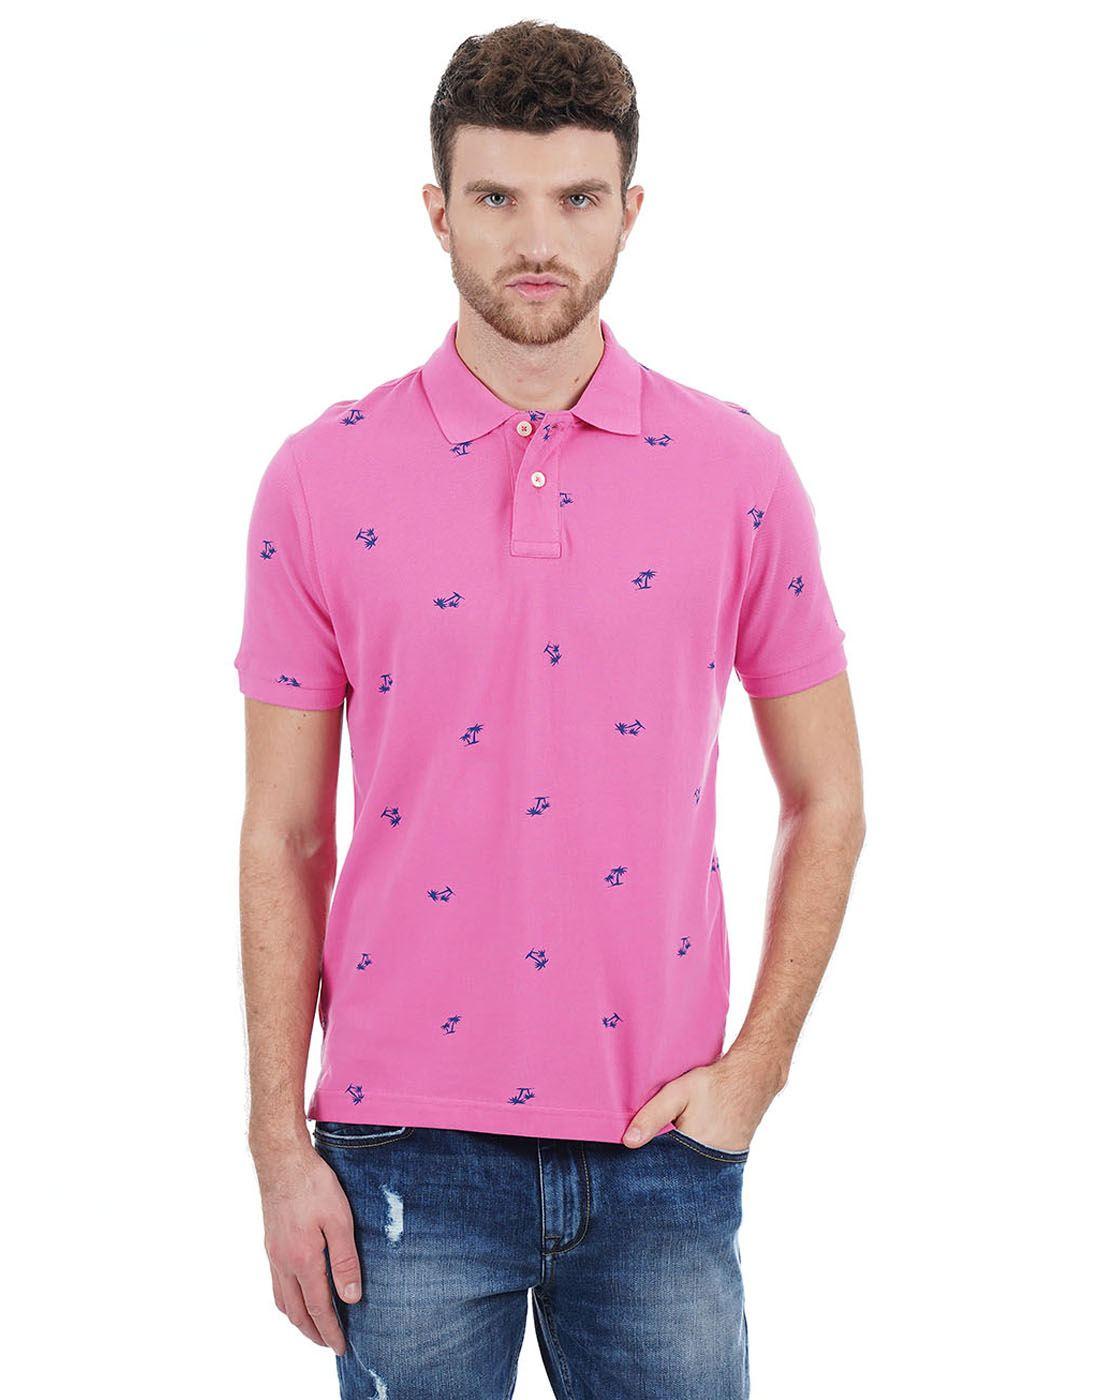 Aeropostale Men Pink T-Shirt